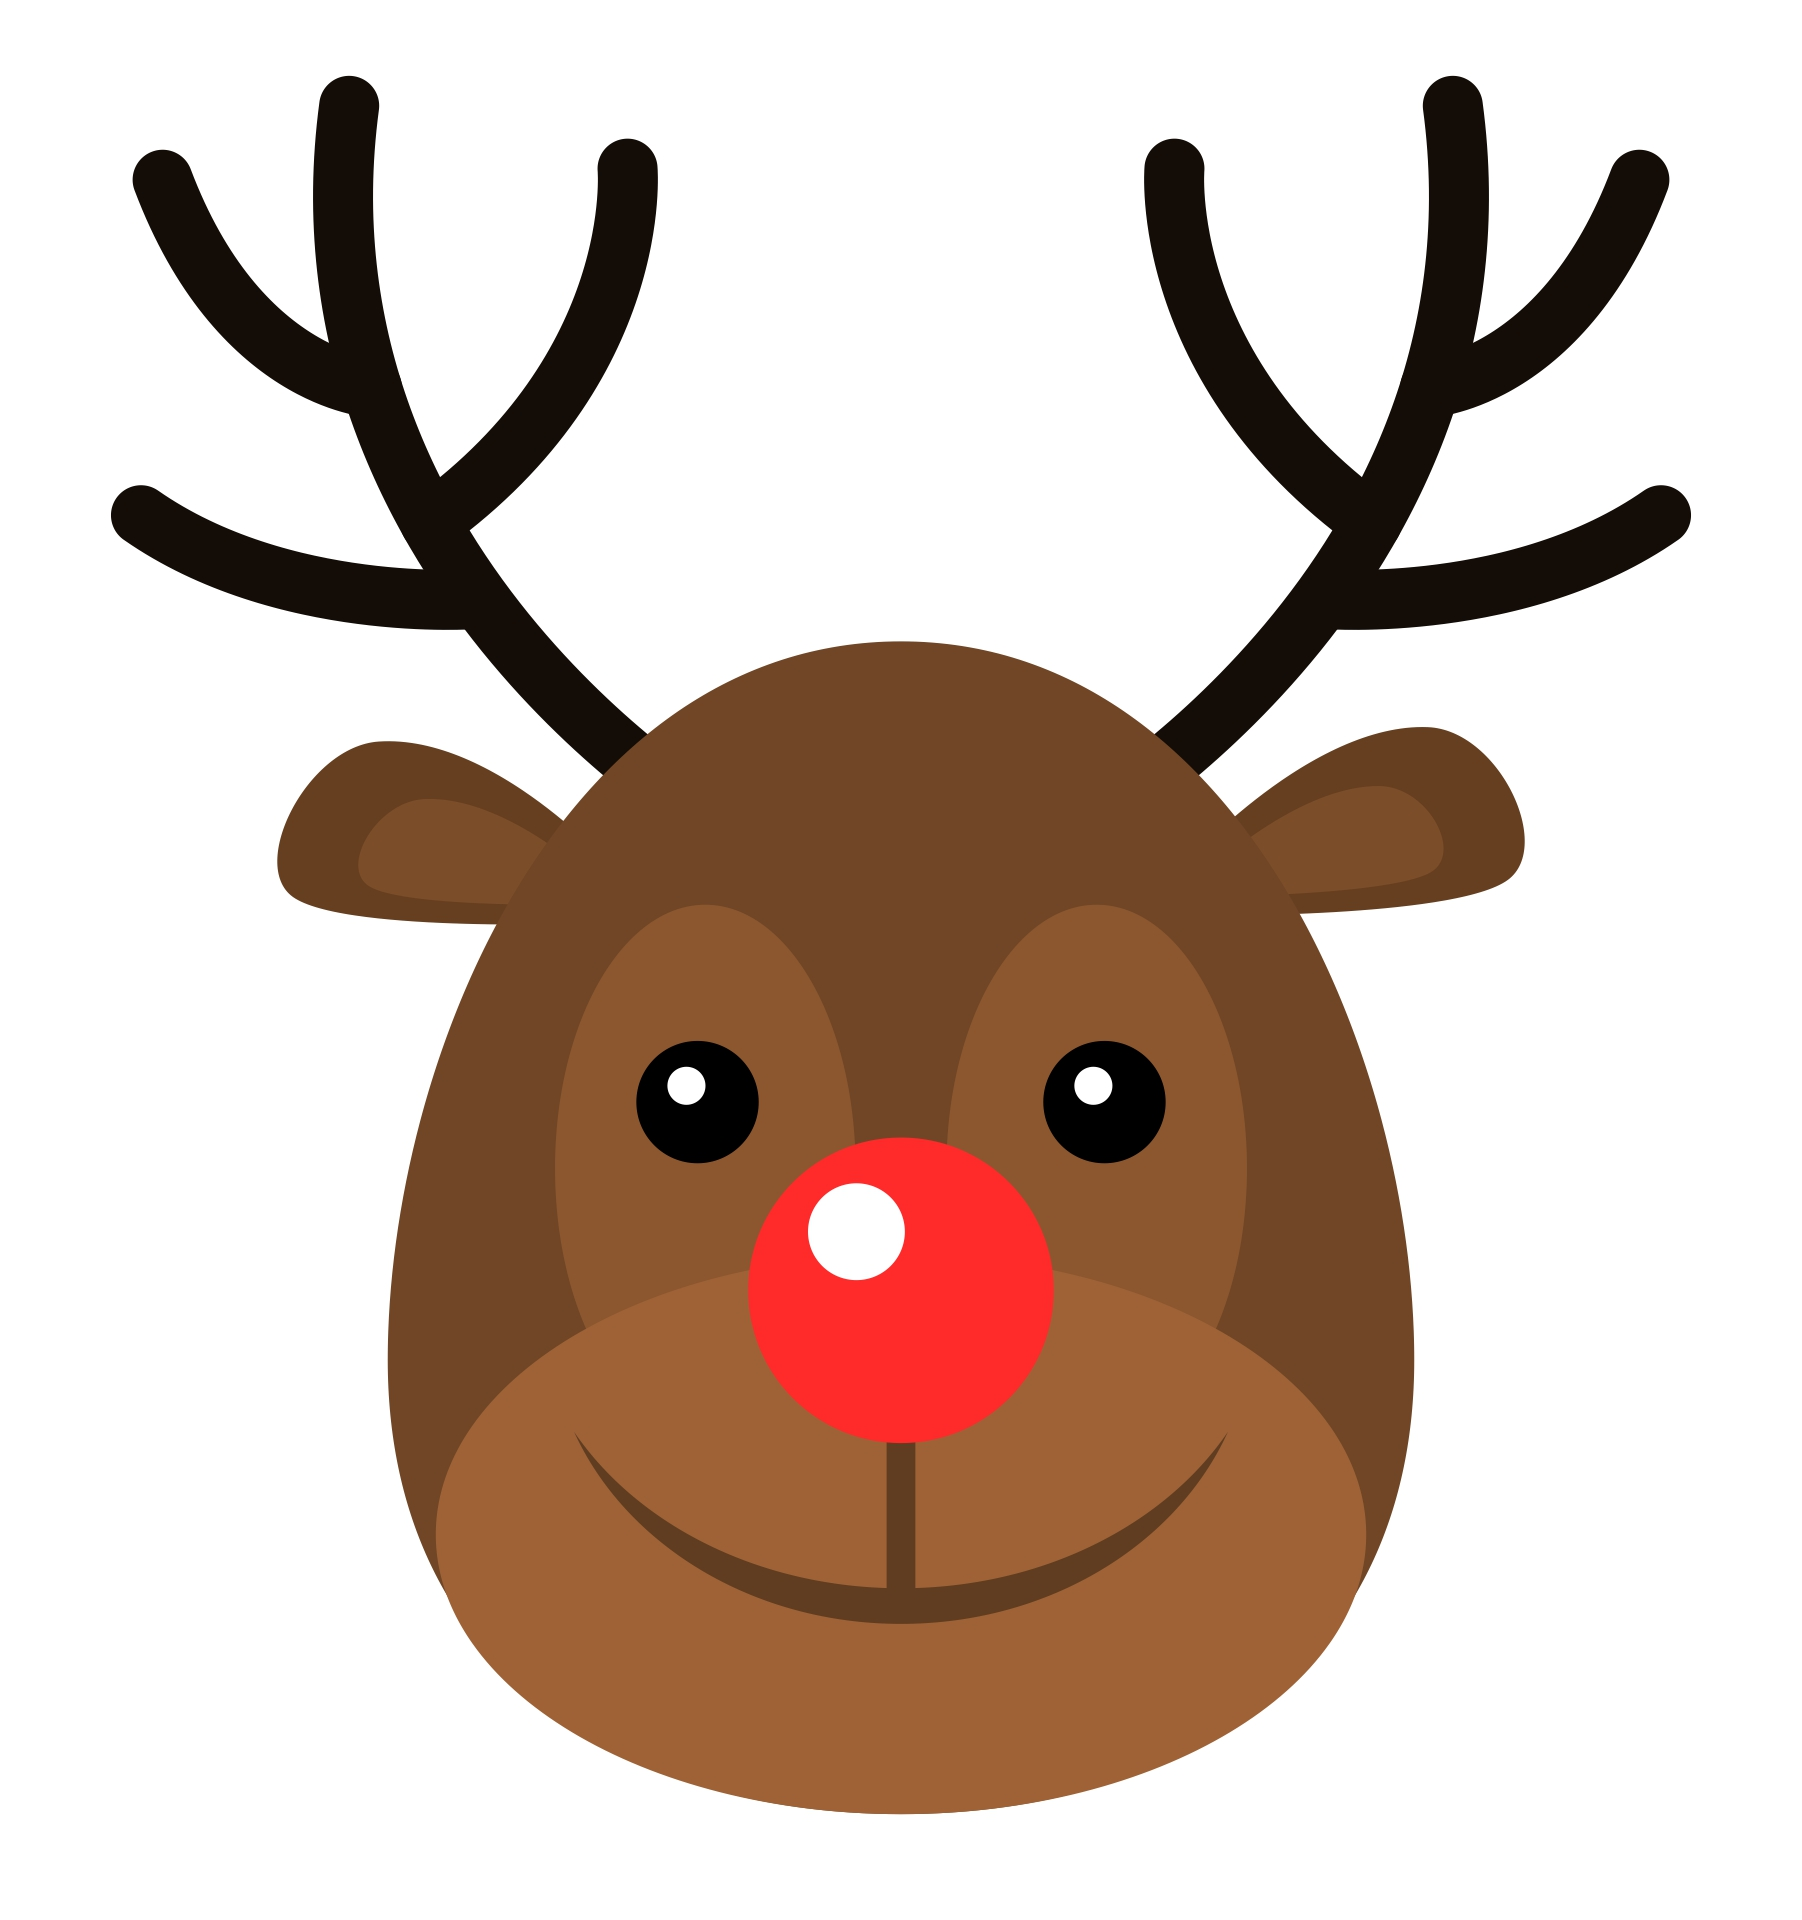 Printable Reindeer Faces